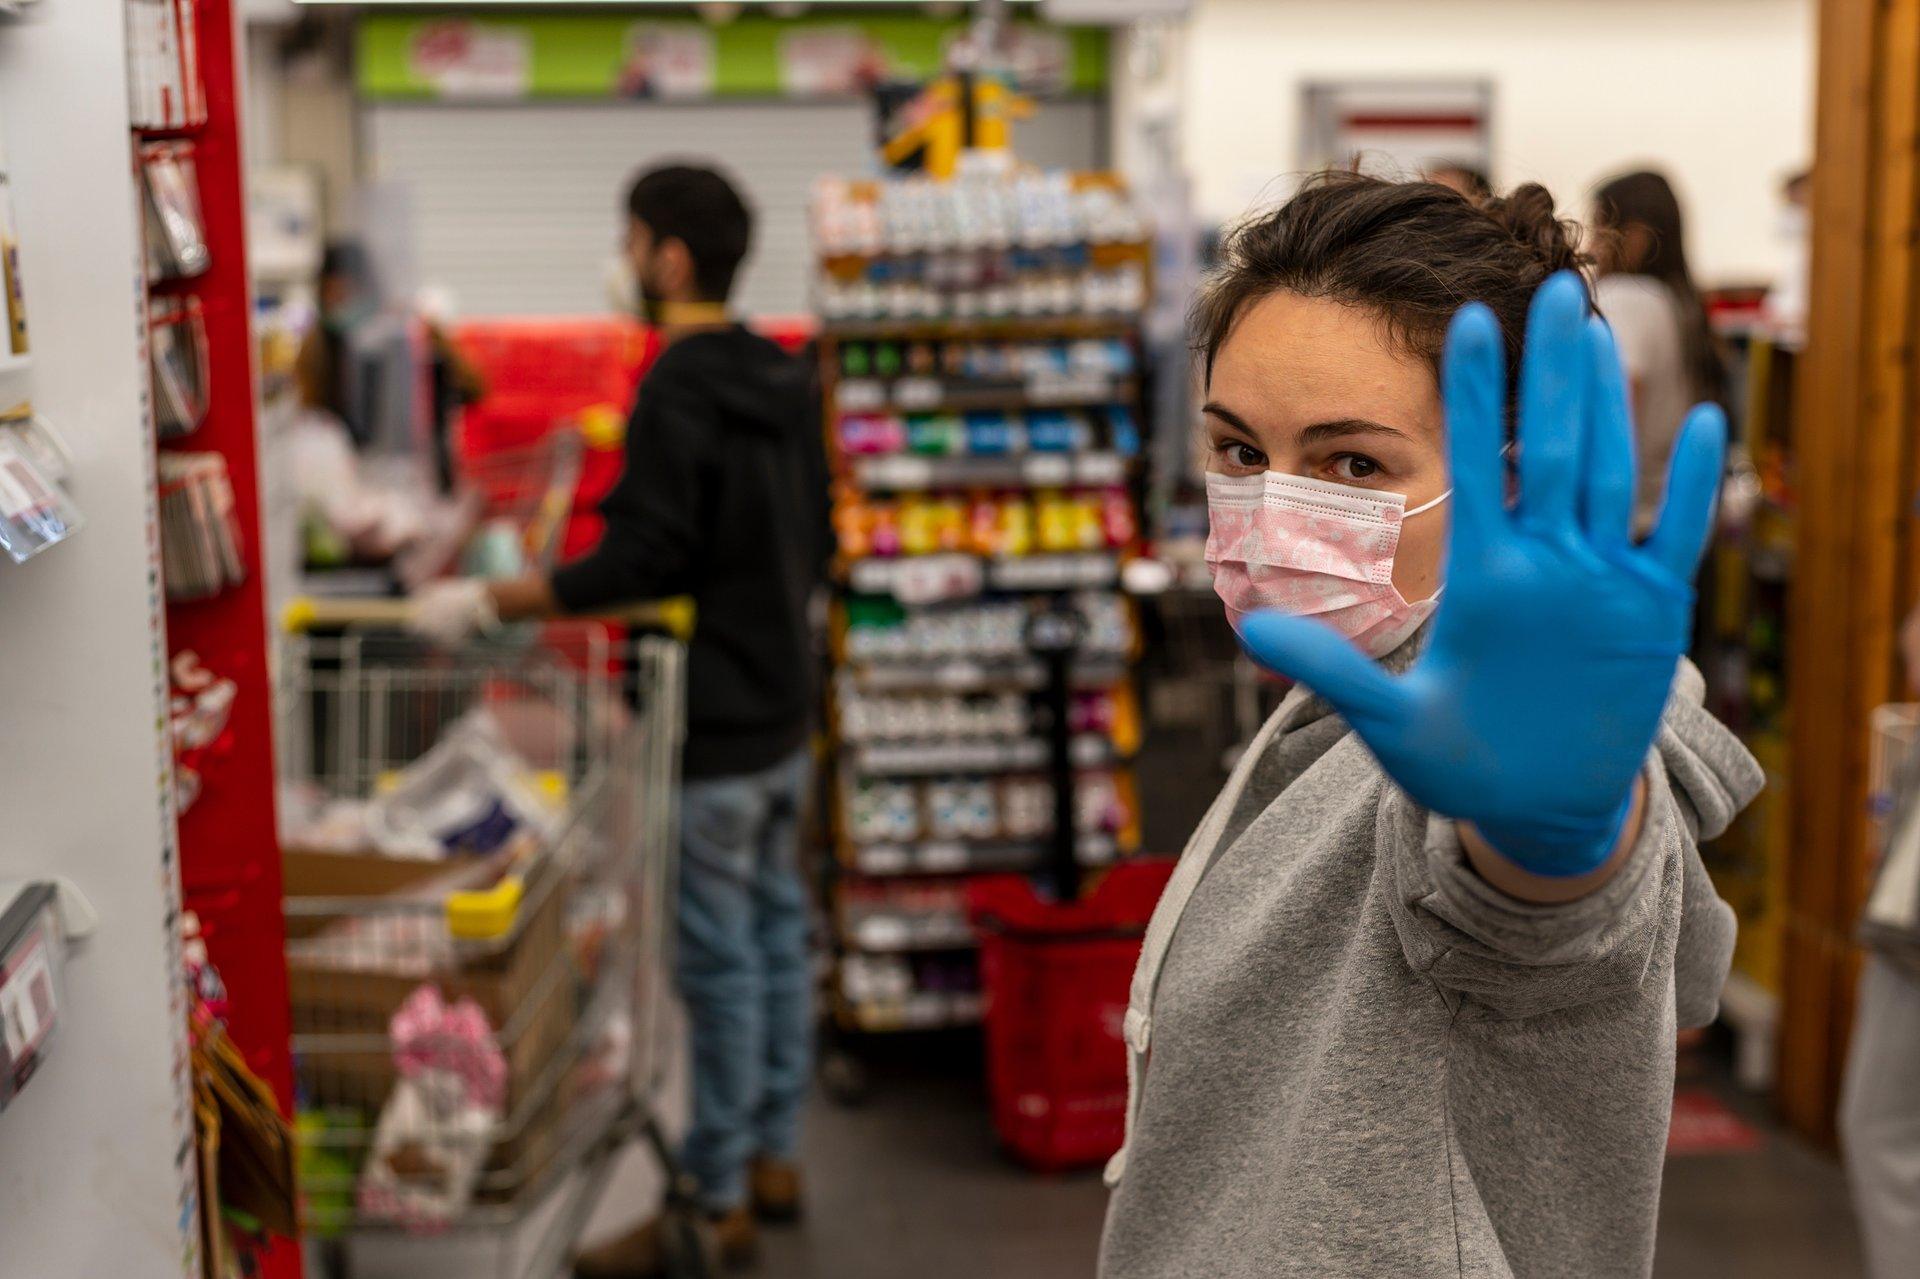 Maski w sklepach i aptekach: społeczeństwo podzielone, RPO zabiera głos